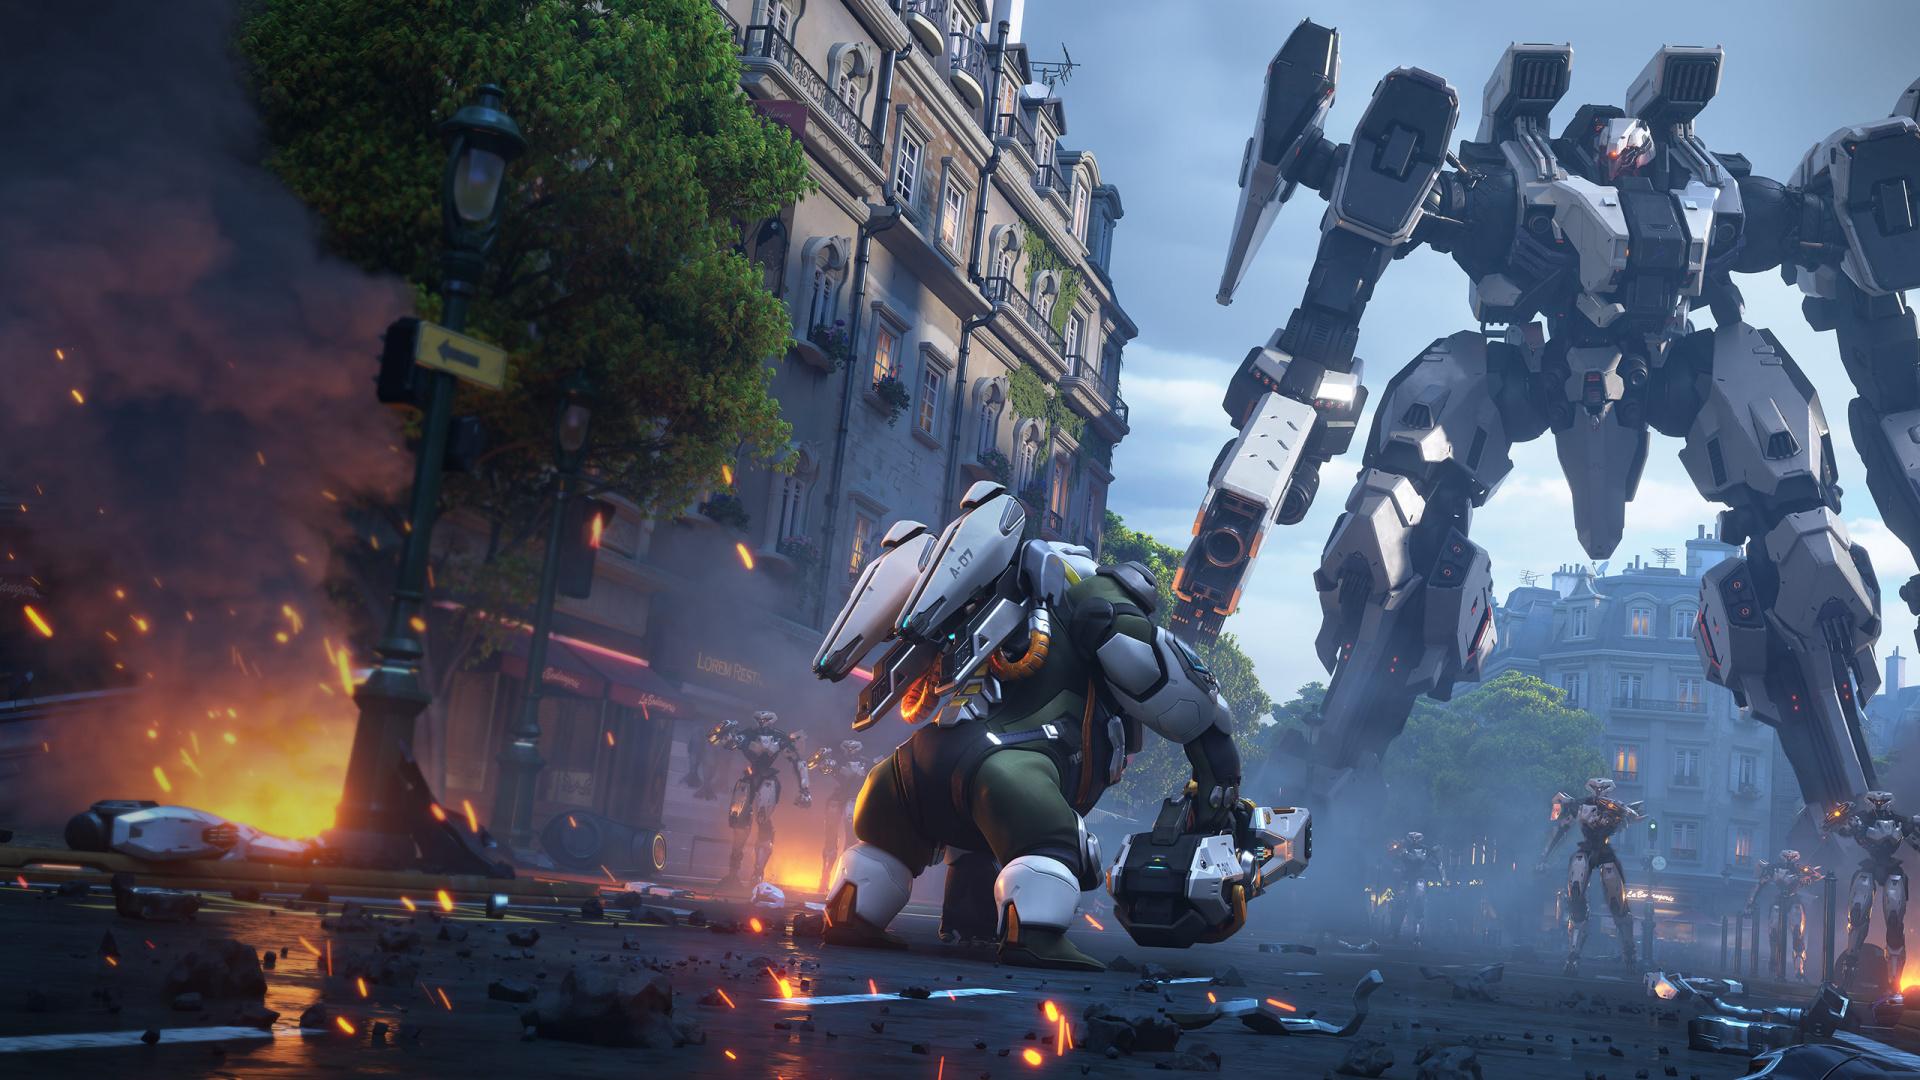 Overwatch 2: новые карты, прокачка героев, сюжетная кампания, PvP и многое другое